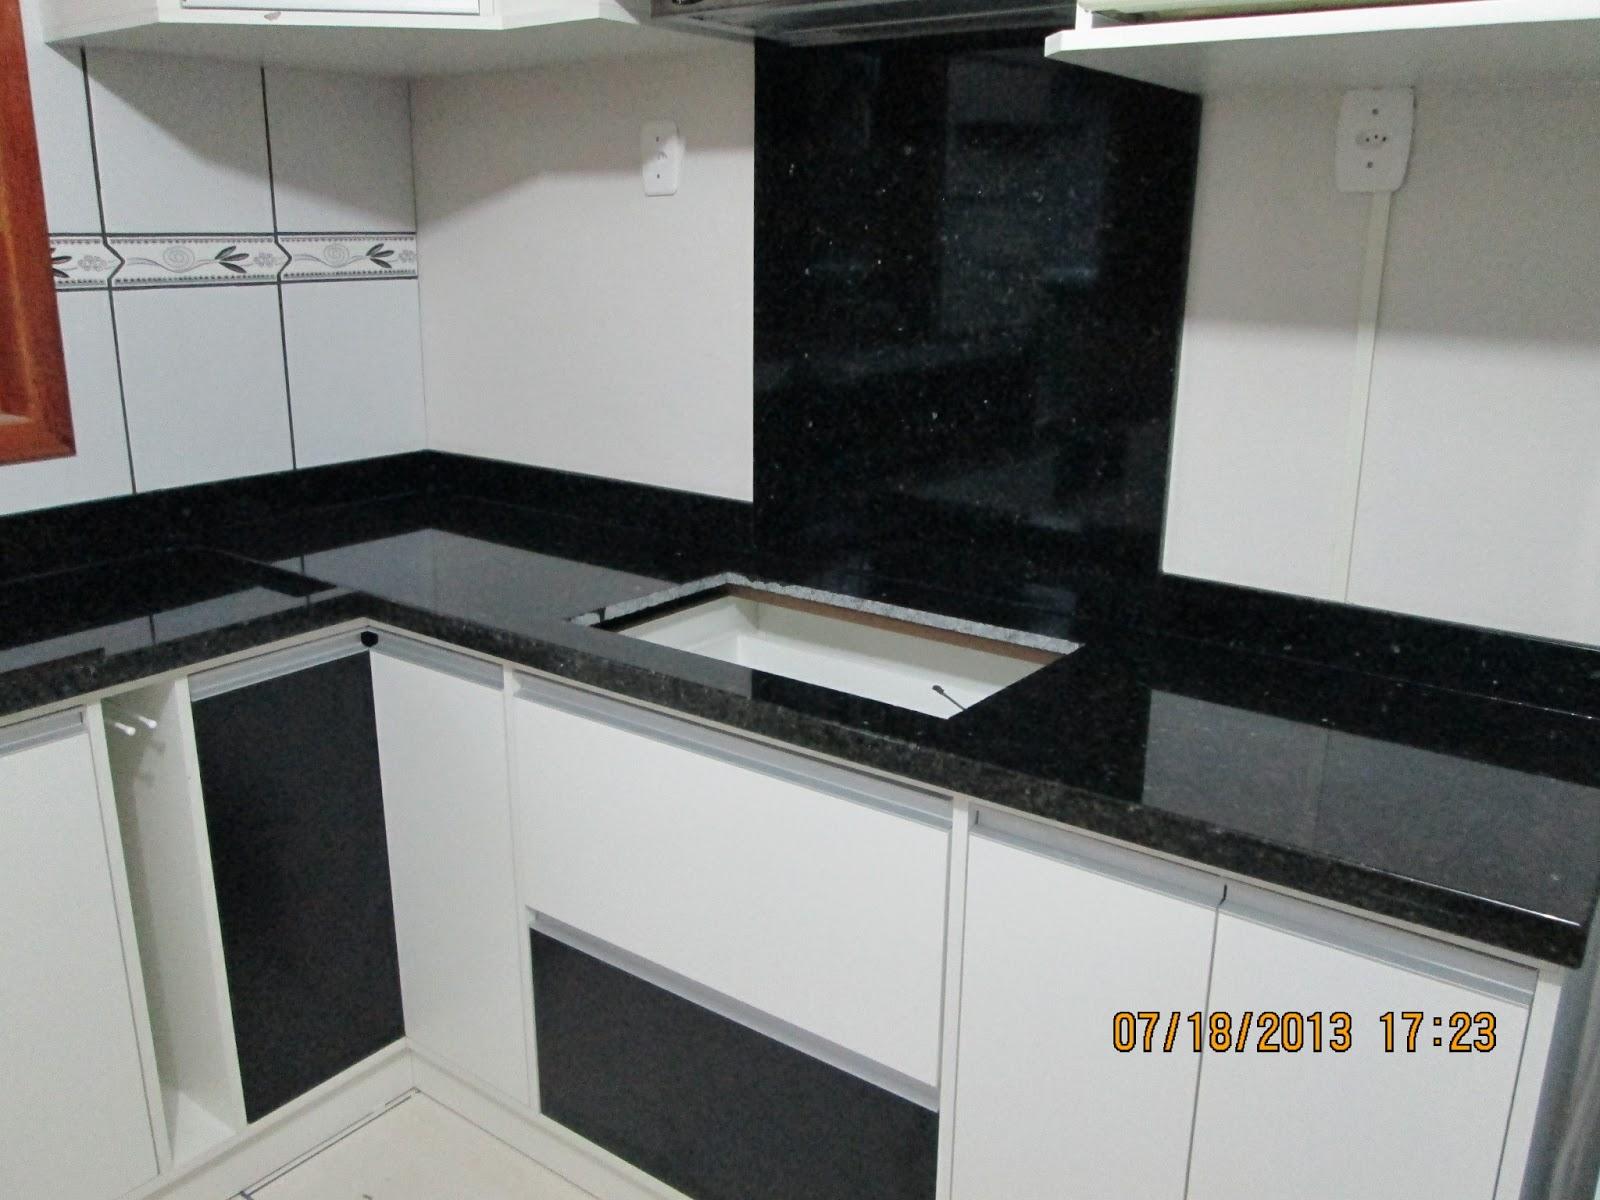 #75392A MARMORARIA CARDOZO: Cozinha de Granito Verde Ubatuba 1600x1200 px Bancadas Para Cozinha Americana De Granito #1489 imagens